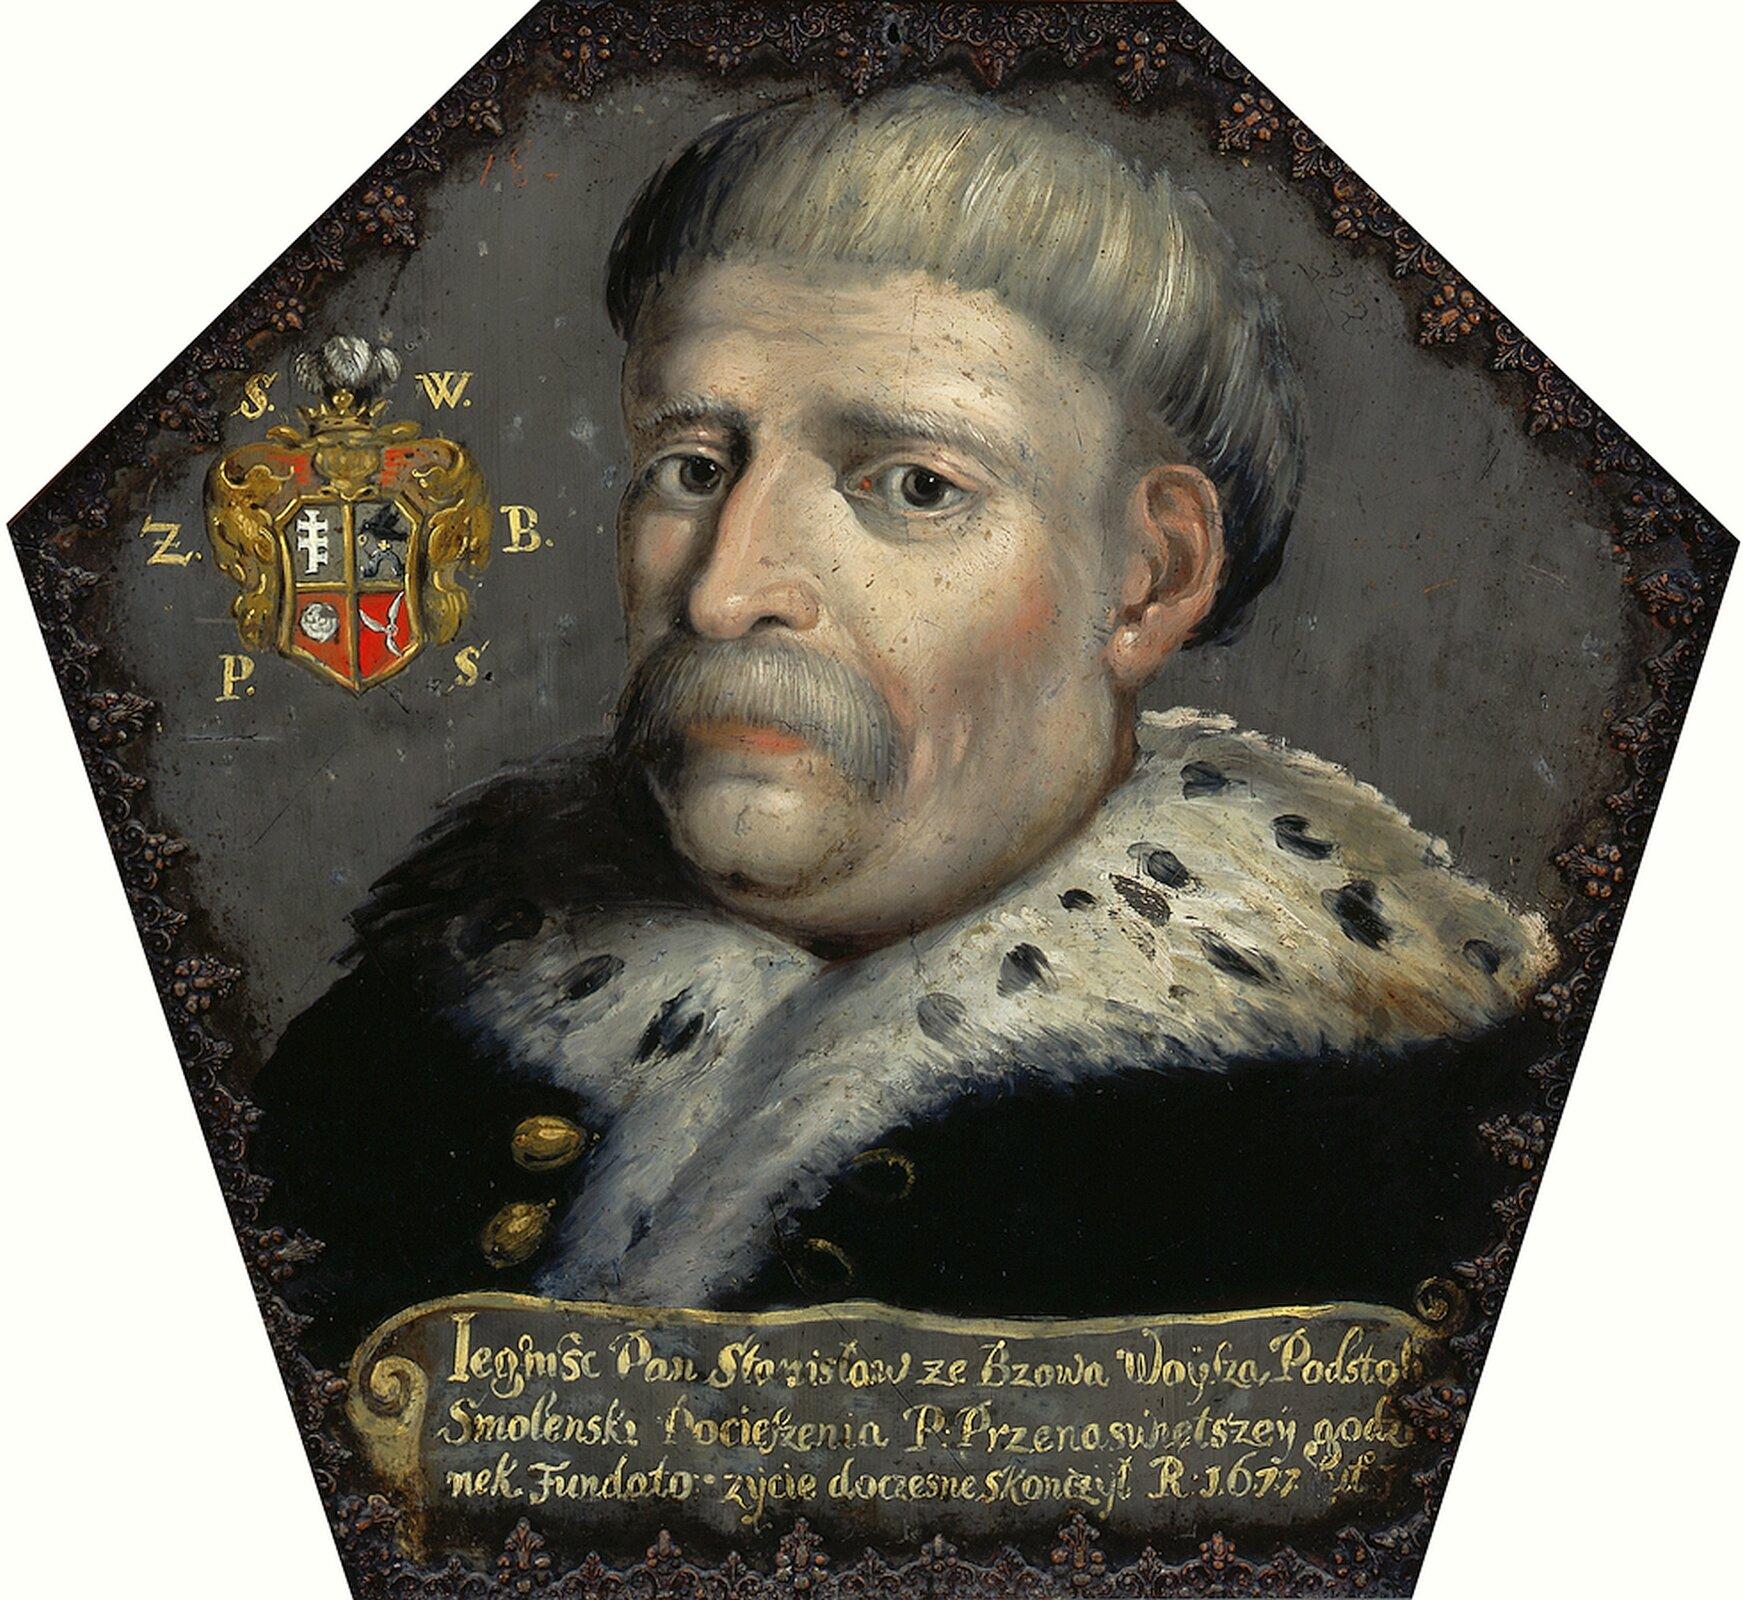 Ilustracja przedstawia Portret trumienny Stanisława Woyszy – obraz nieokreślonego malarza warszawskiego, namalowany na blasze ok. roku 1677. Obraz ma formę sześciokąta nieforemnego. Stanisław Woysza zBzowa był podstolim smoleńskim, sekretarzem idworzaninem królewskim.